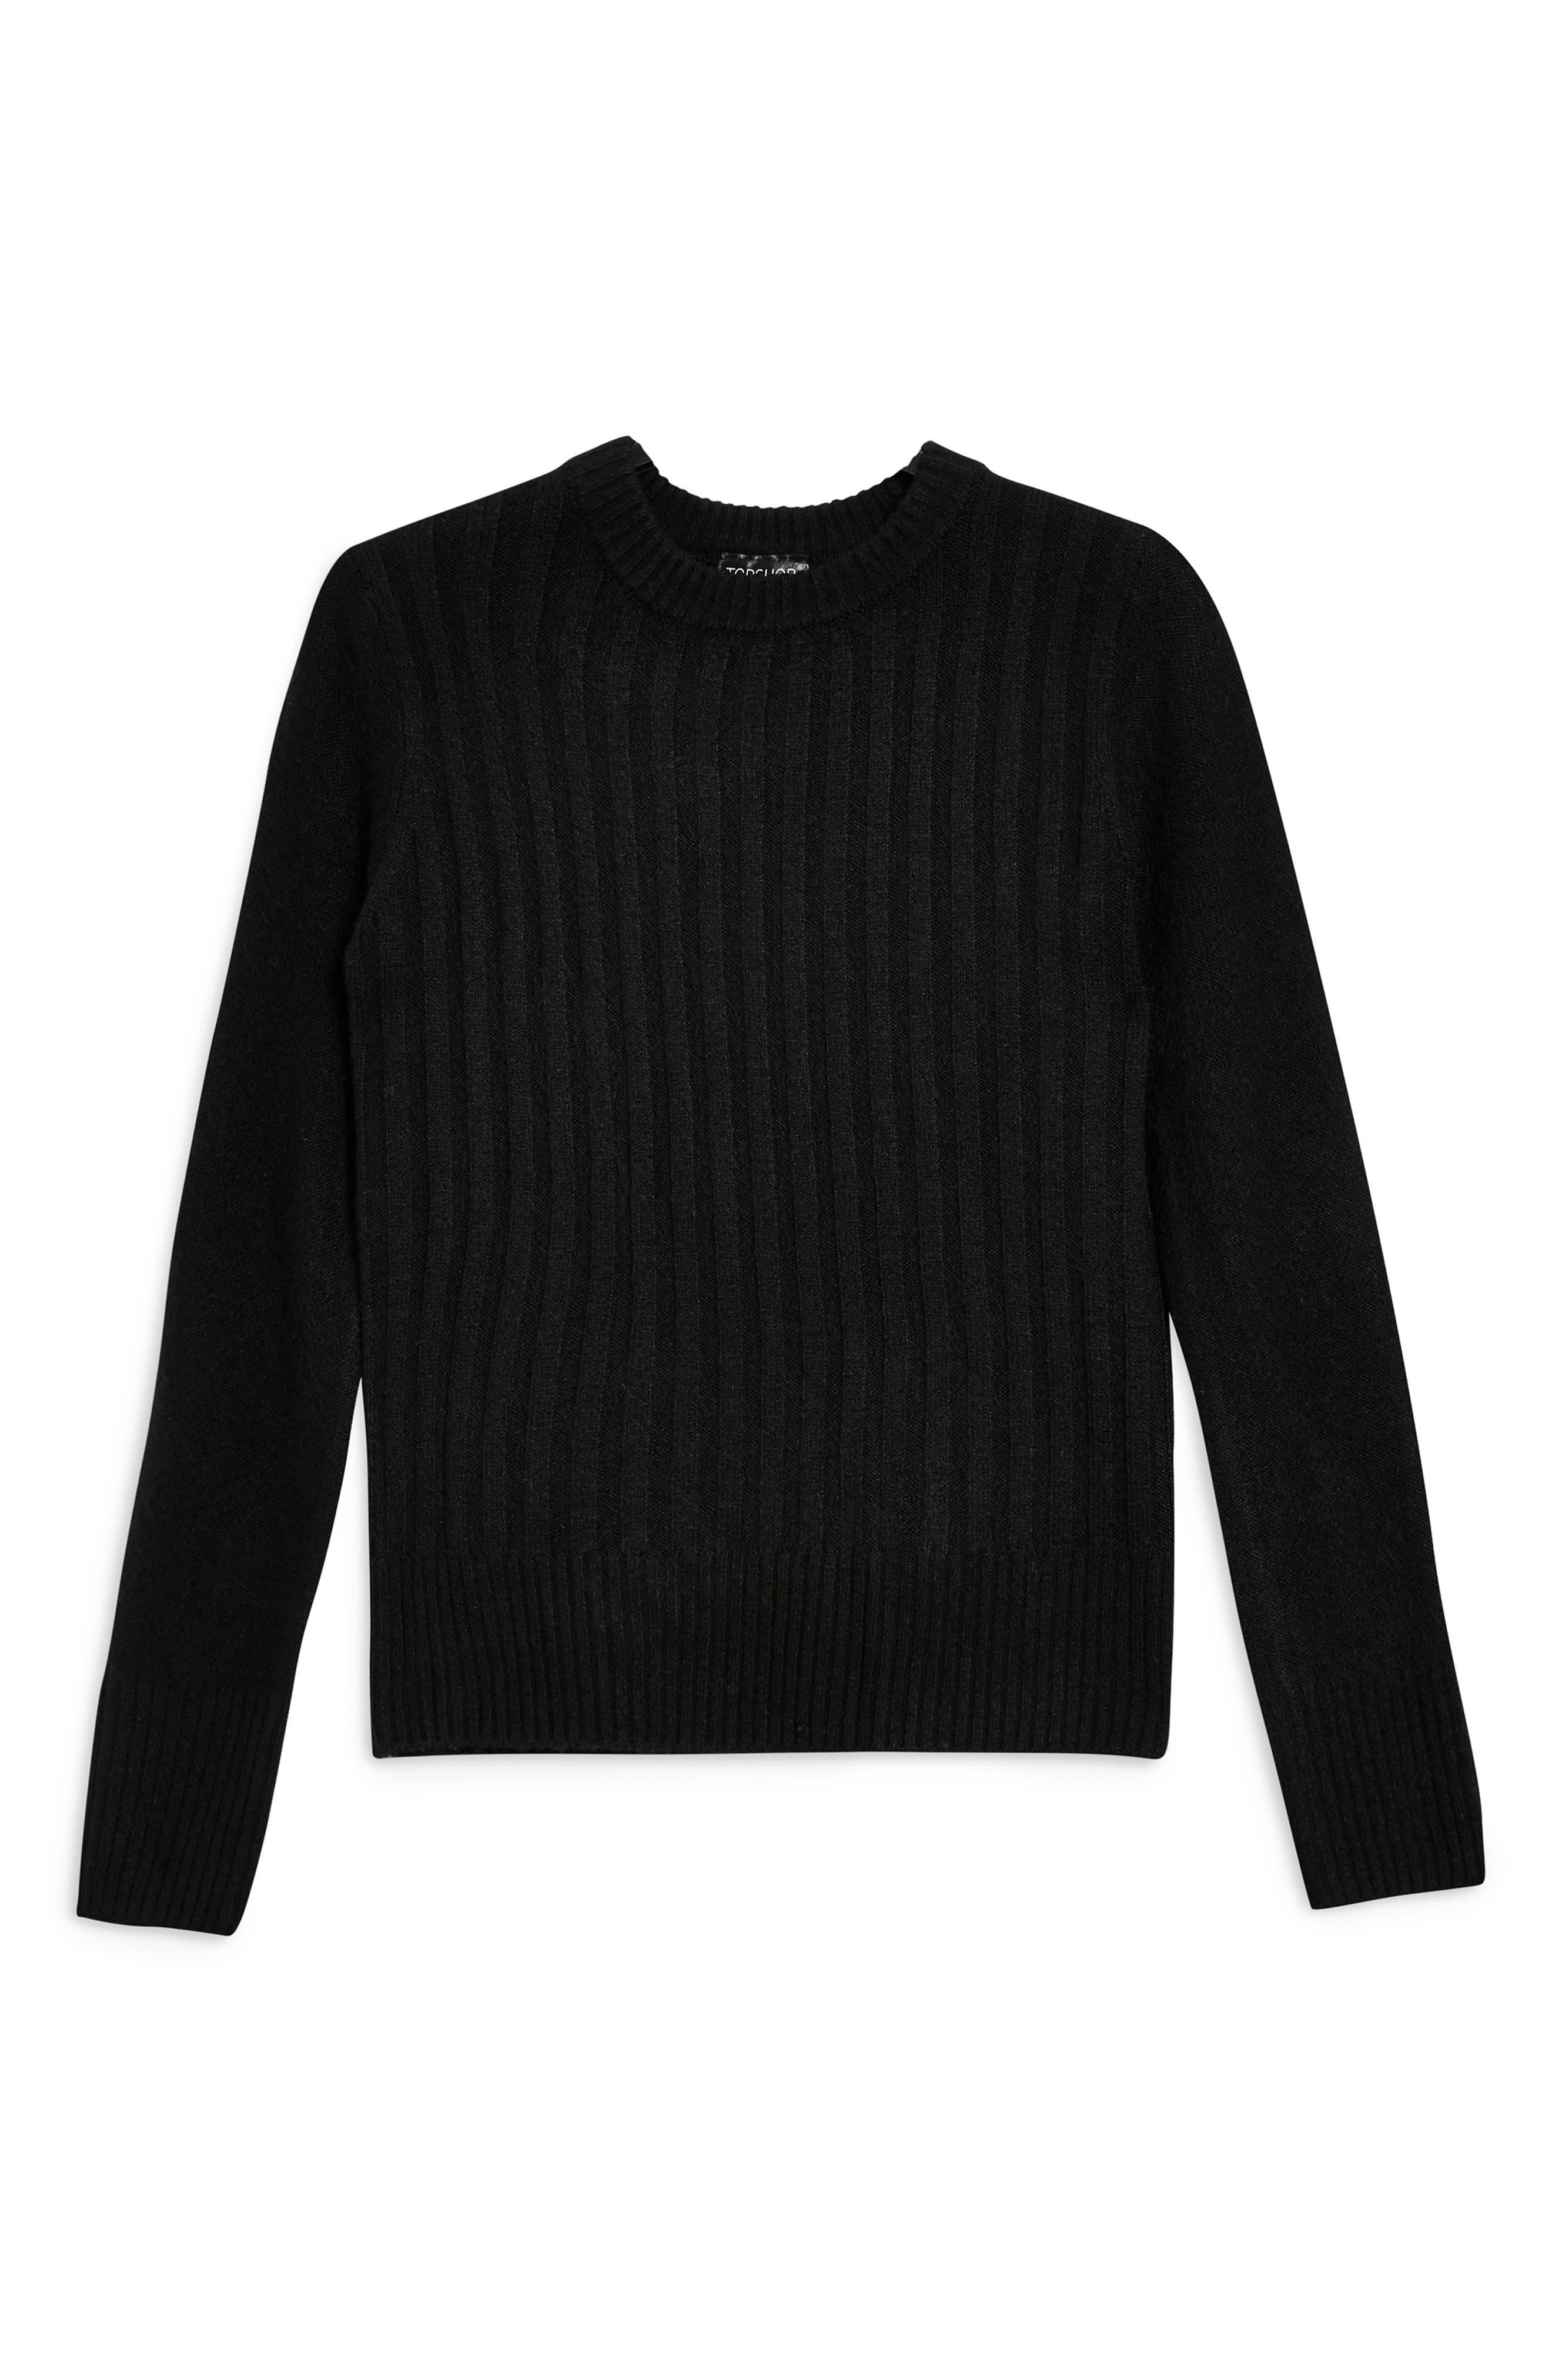 TOPSHOP, Rib Sweater, Alternate thumbnail 3, color, BLACK